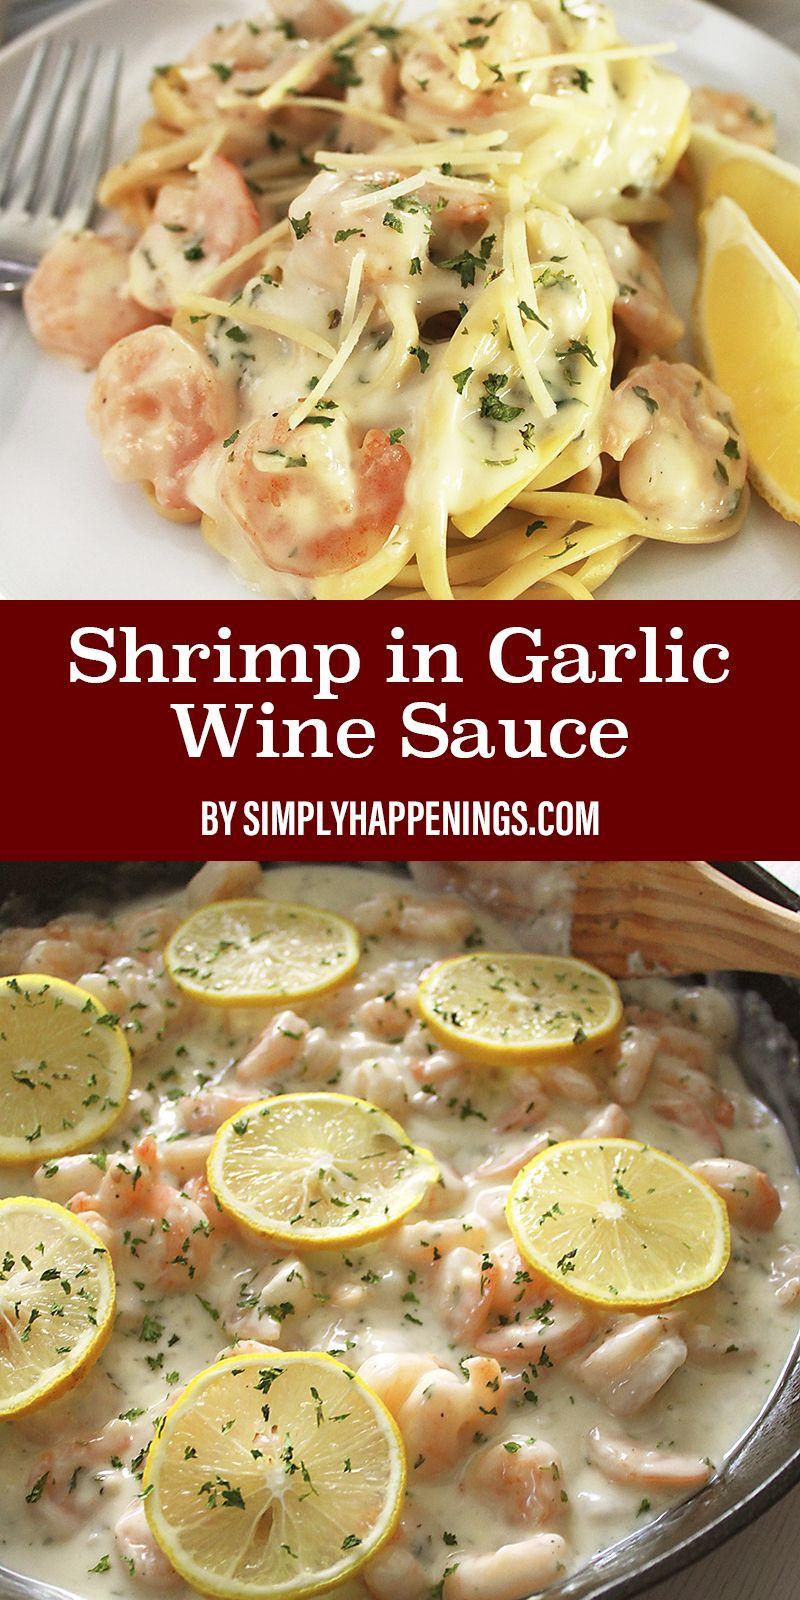 Shrimp In Garlic Wine Sauce In 2020 White Wine Pasta Sauce Shrimp Recipes For Dinner Wine Pasta Sauce